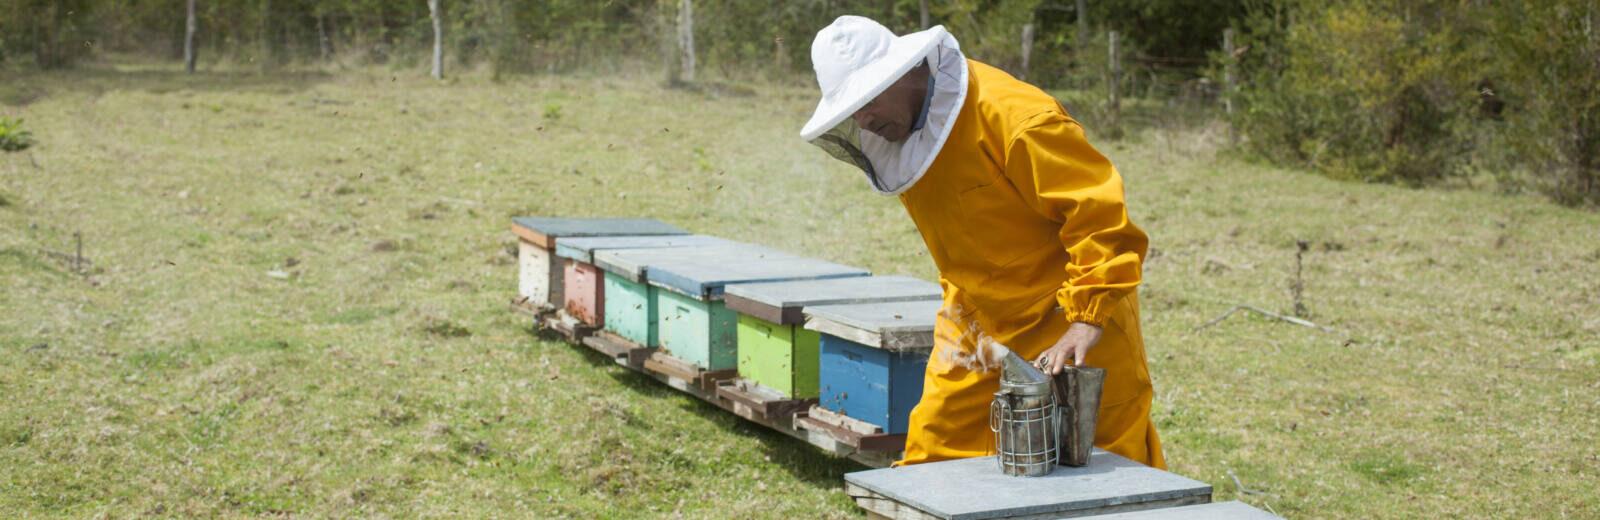 Fairtrade-Imker Guido von der Fairtrade-Kooperative Apicoop in Chile überprüft seine Bienenstöcke